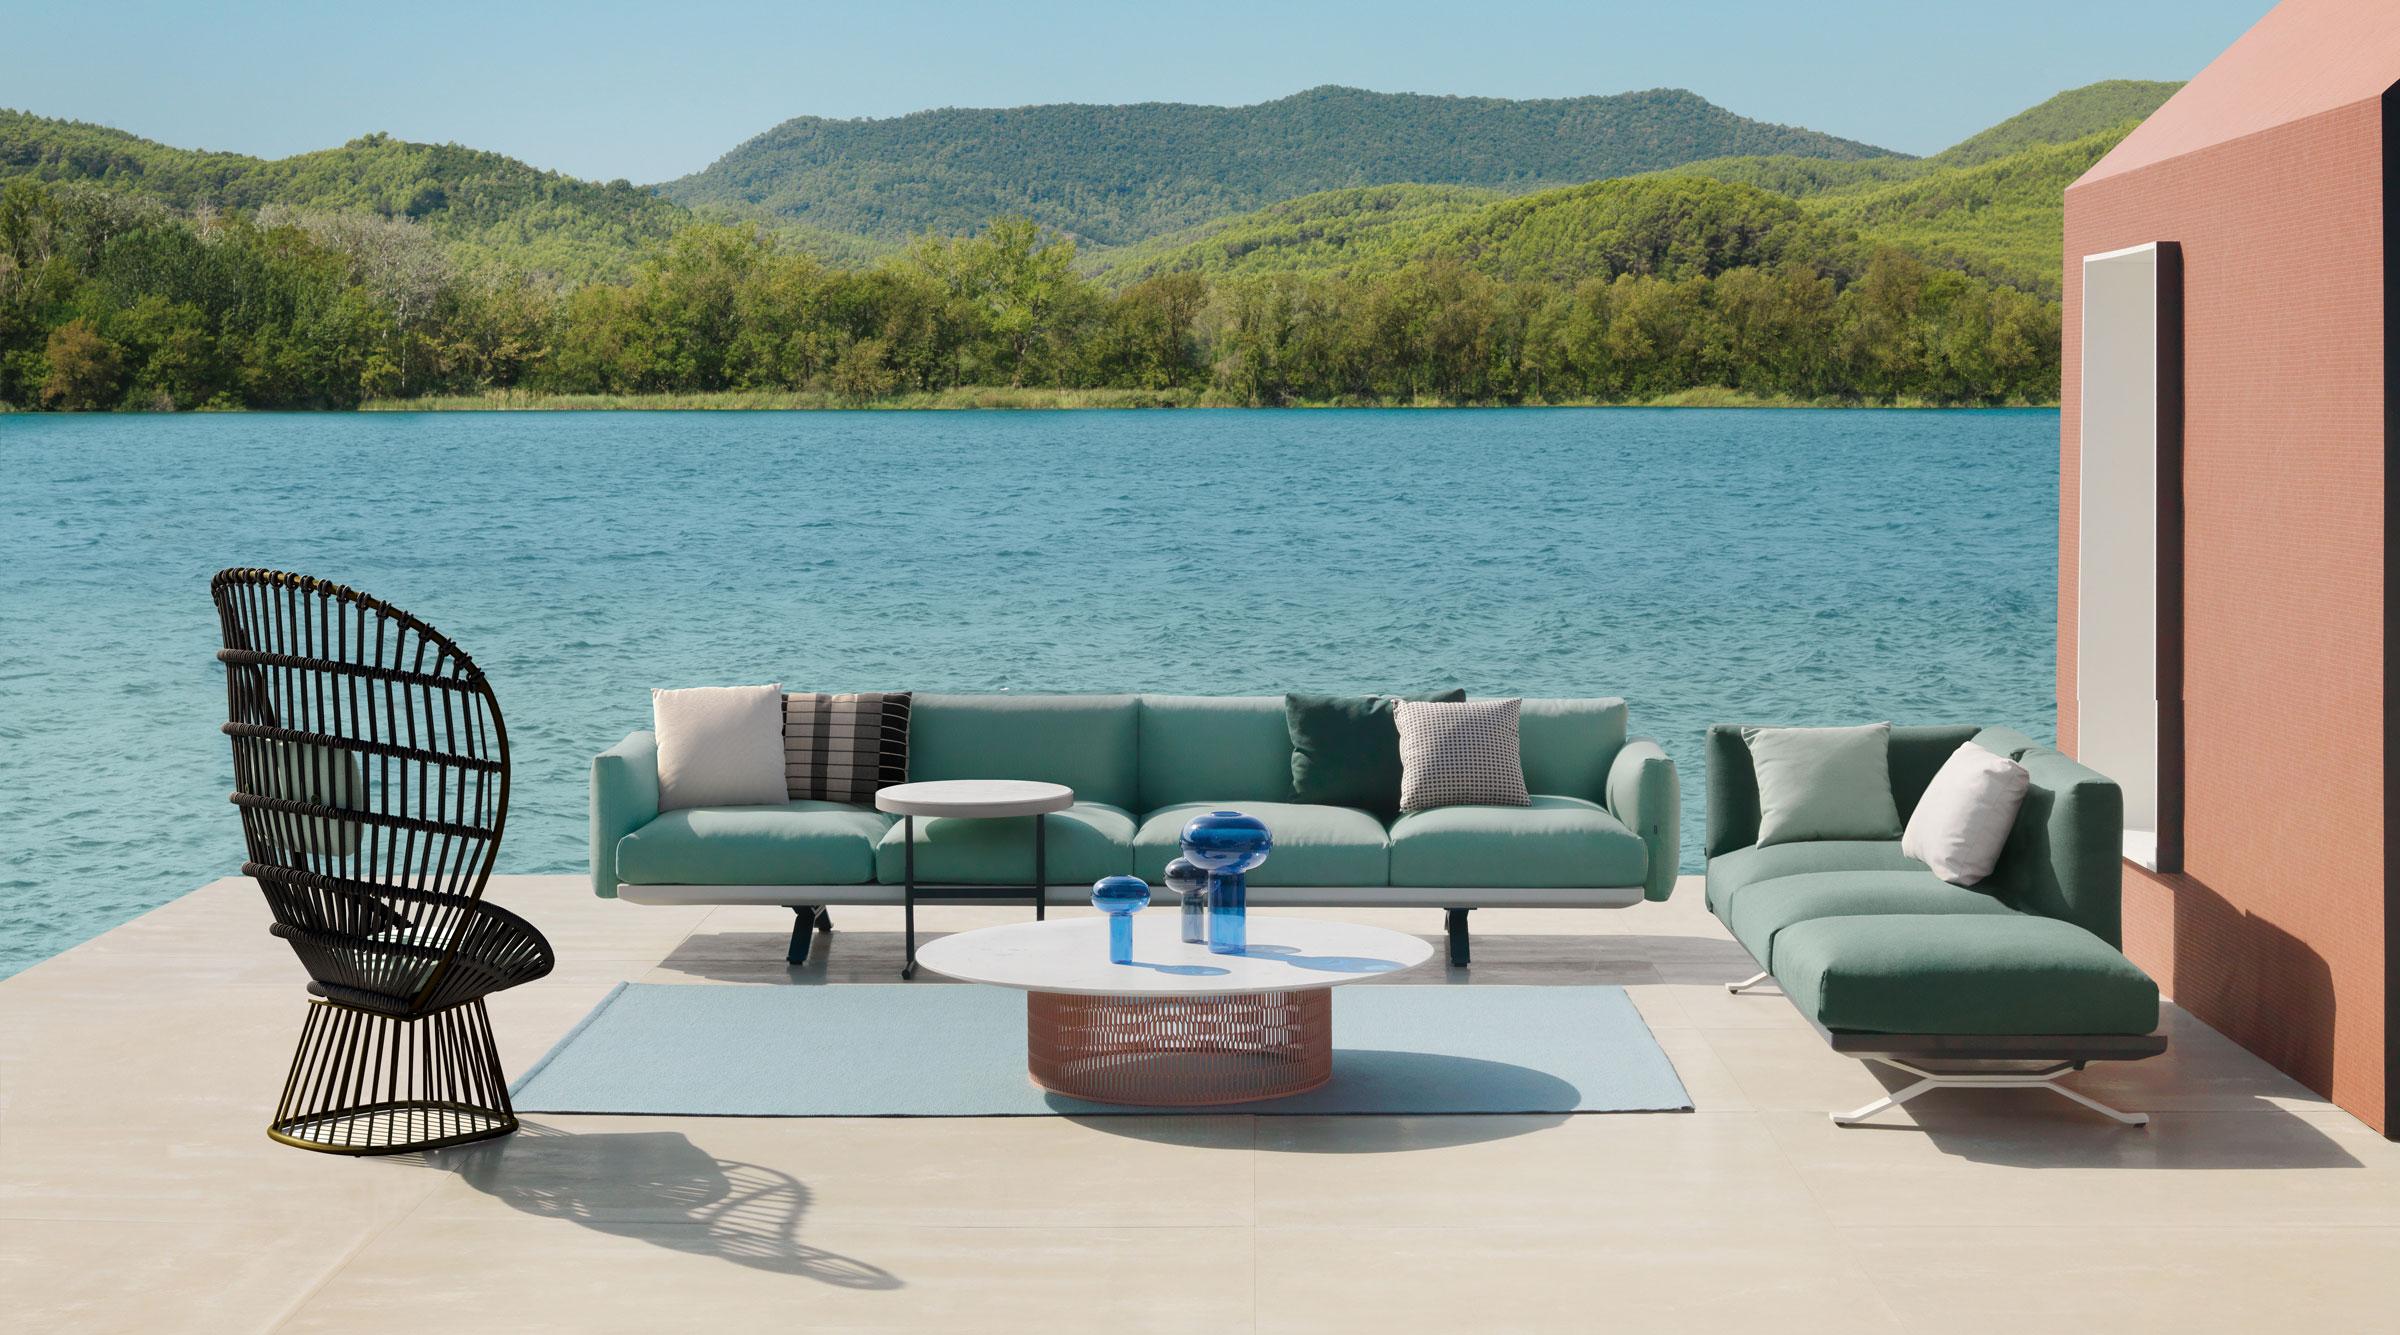 La collection Boma, conçue par Rodolfo Dordoni, répond aux exigences des environnements extérieurs.